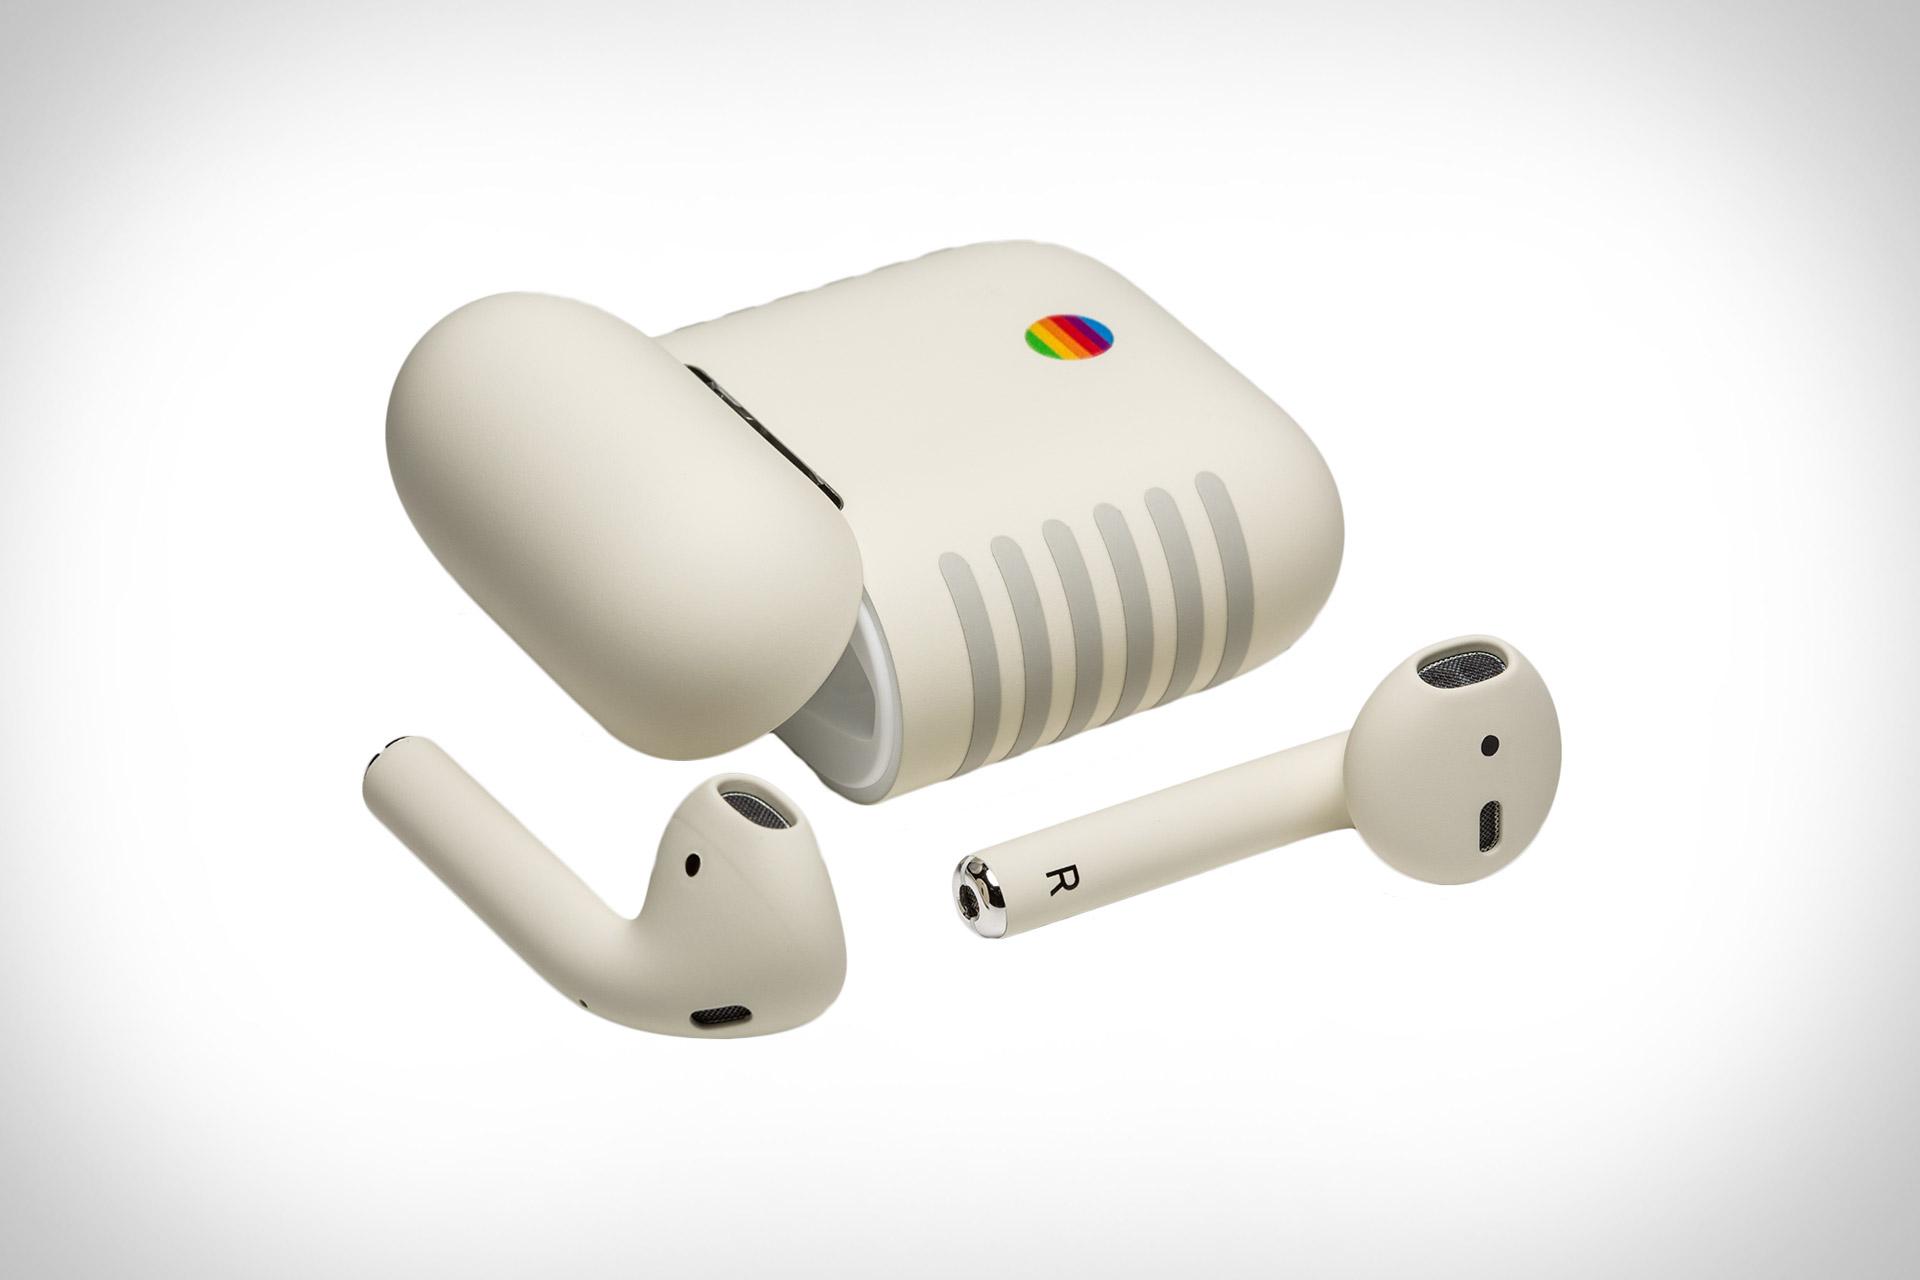 Earphones bluetooth wireless black - apple airpods wireless bluetooth earphones